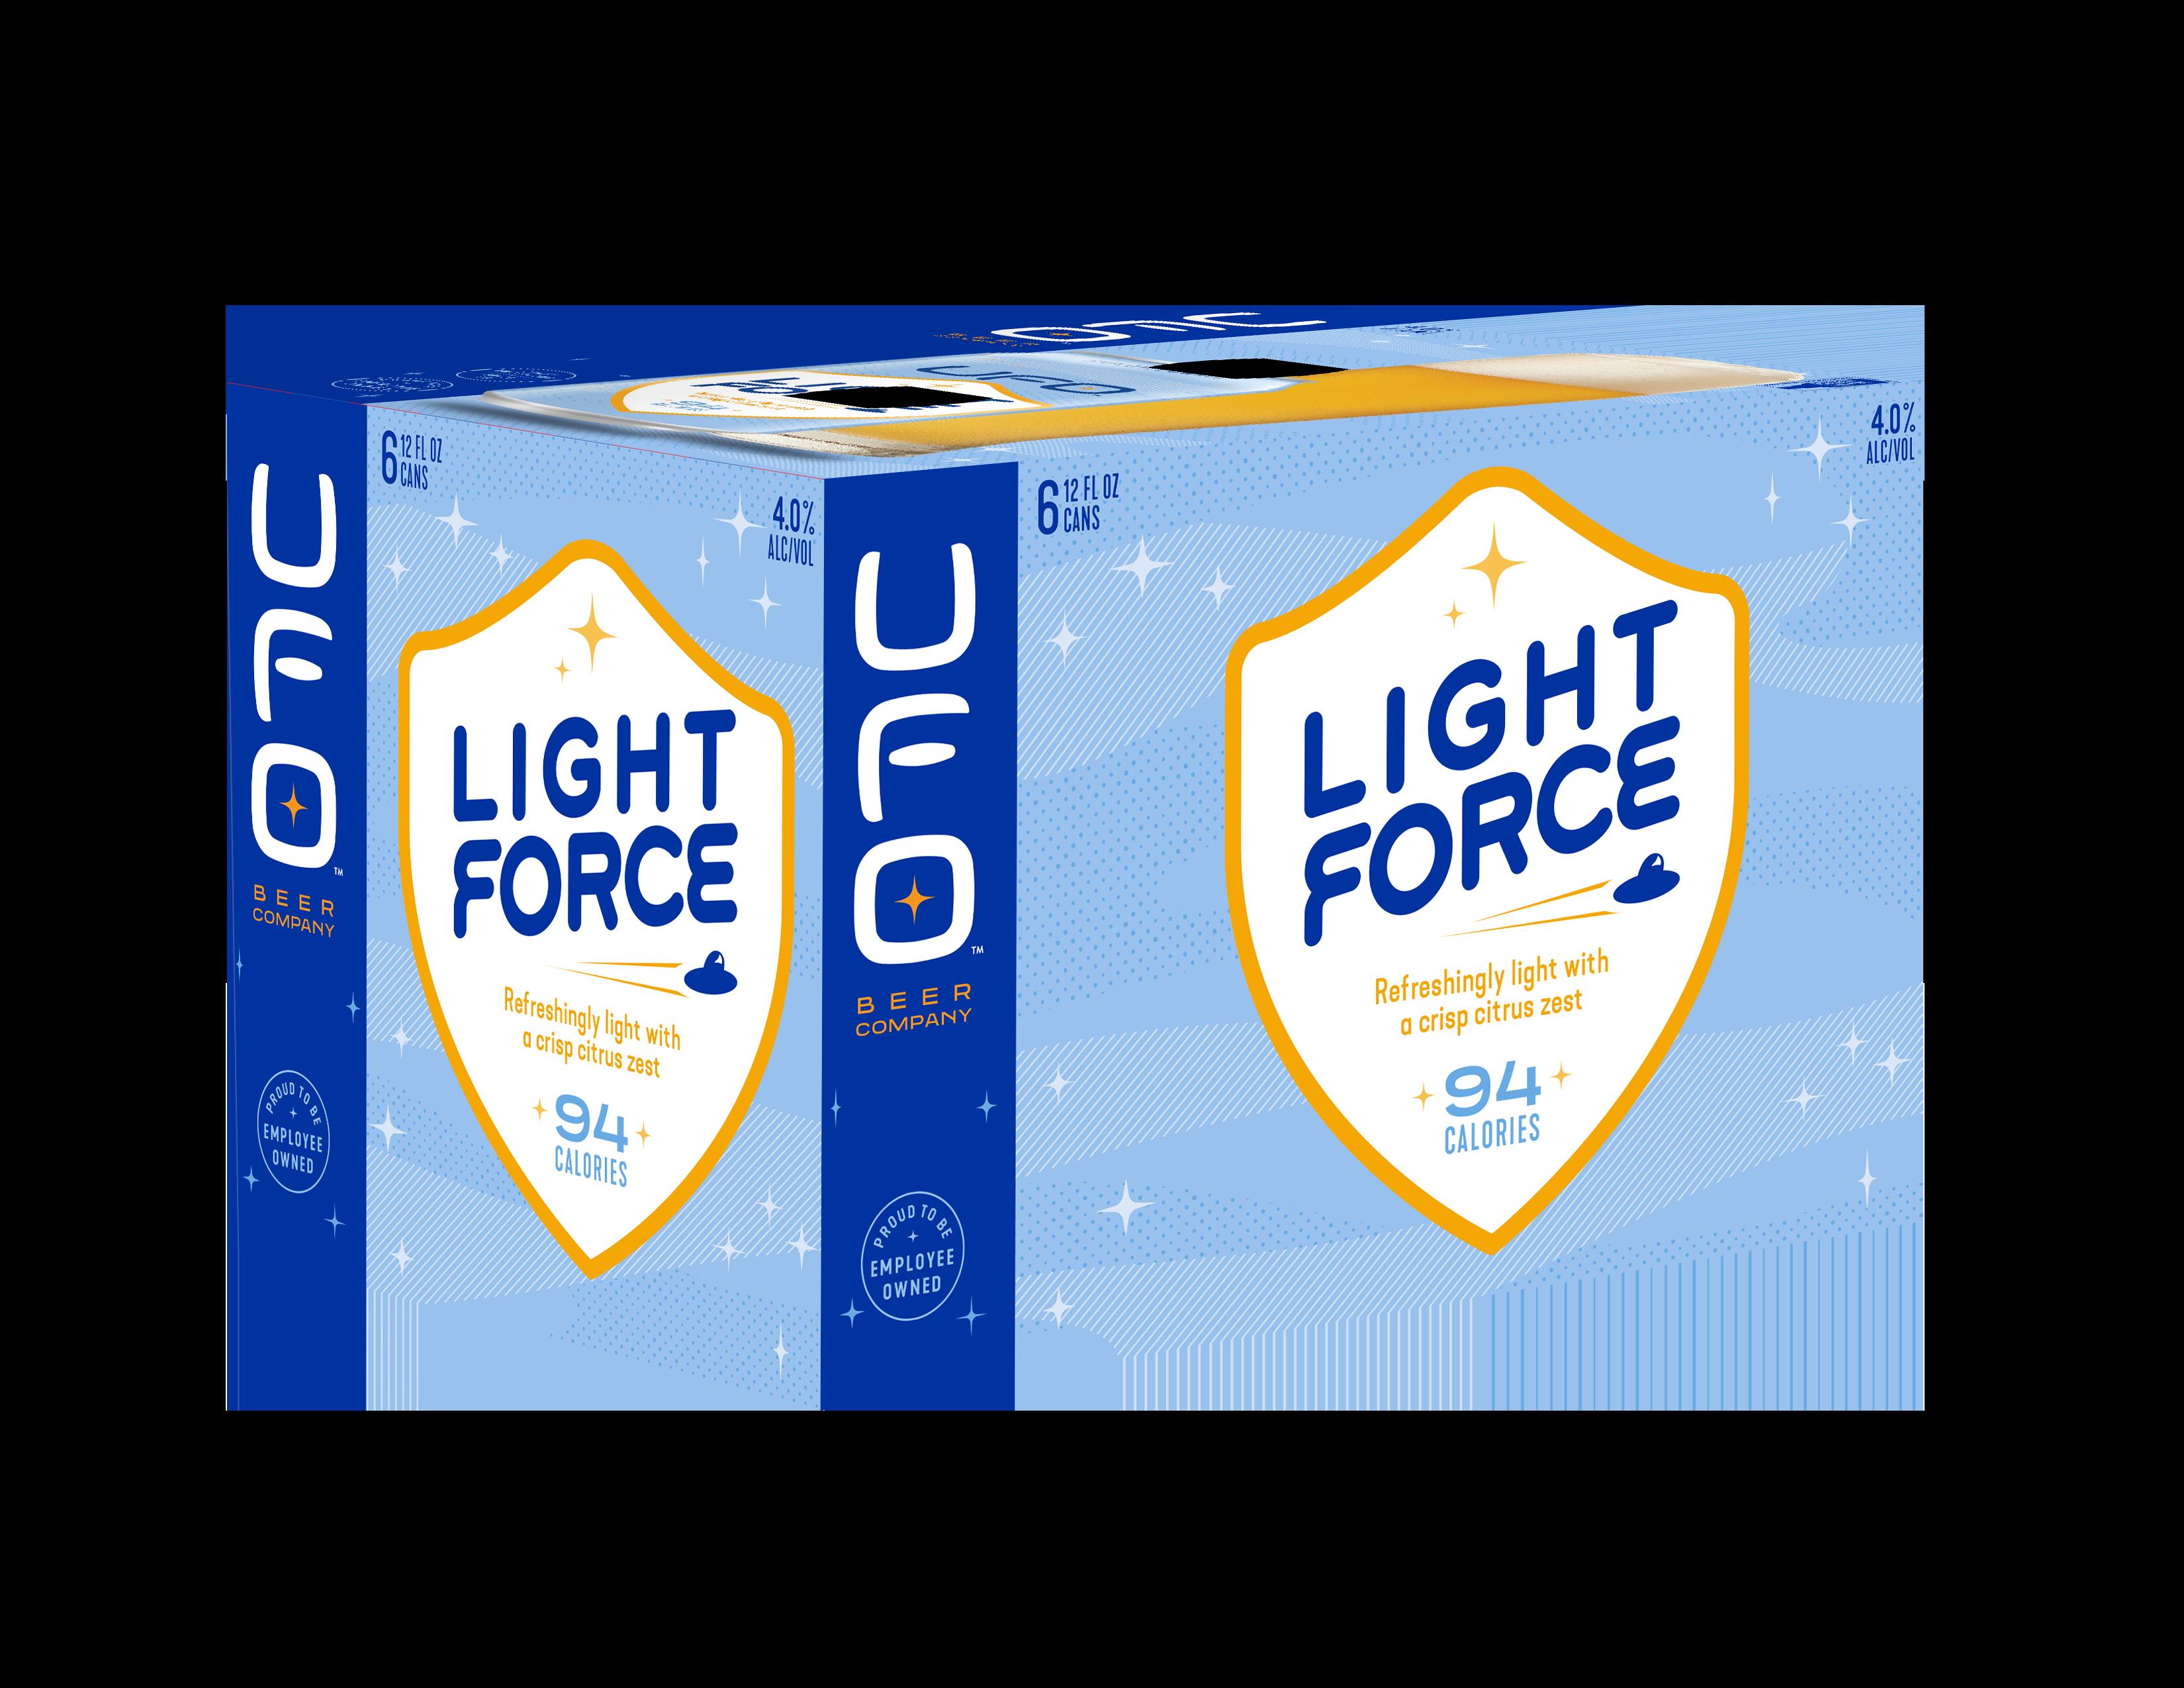 ufo-lightforce-6